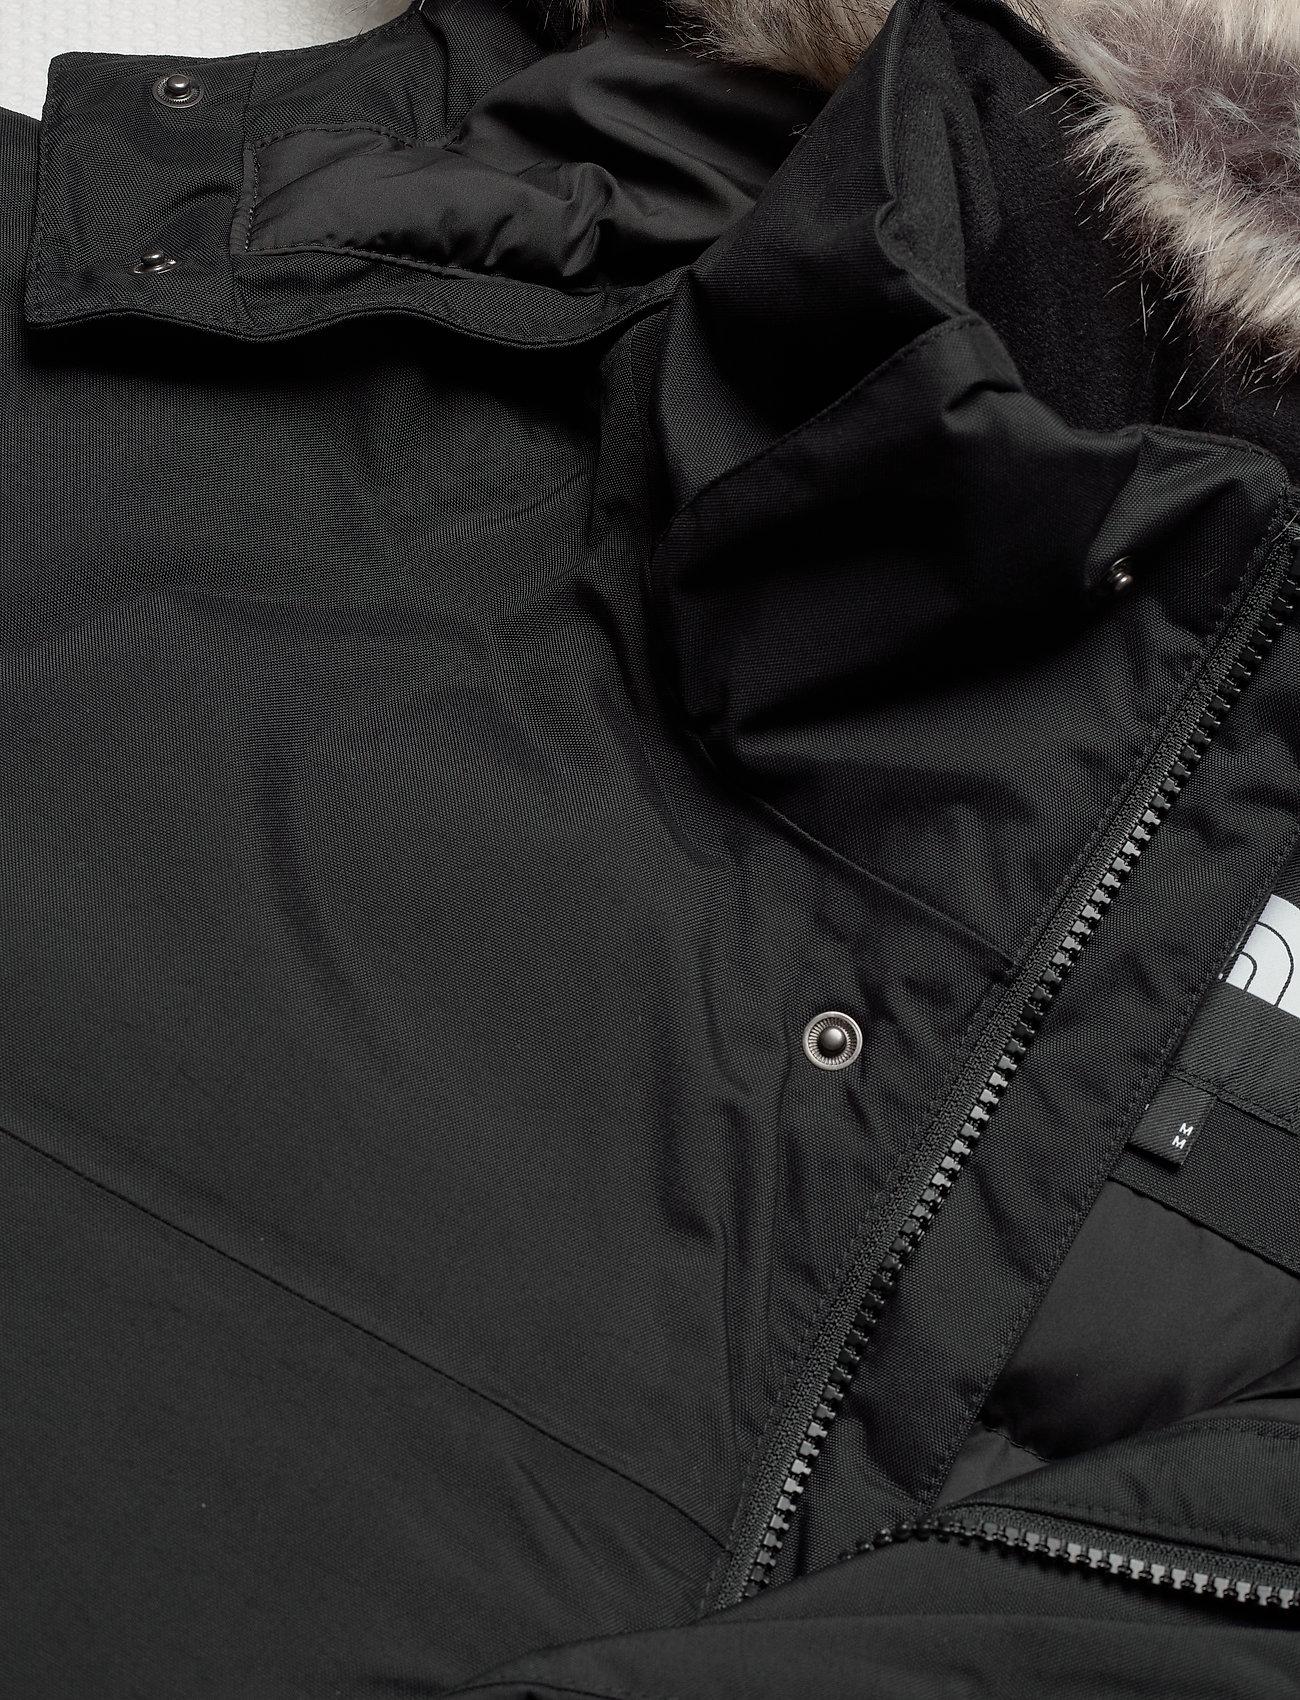 The North Face M REC MCMURDO JKT - Jakker og frakker TNF BLACK - Menn Klær